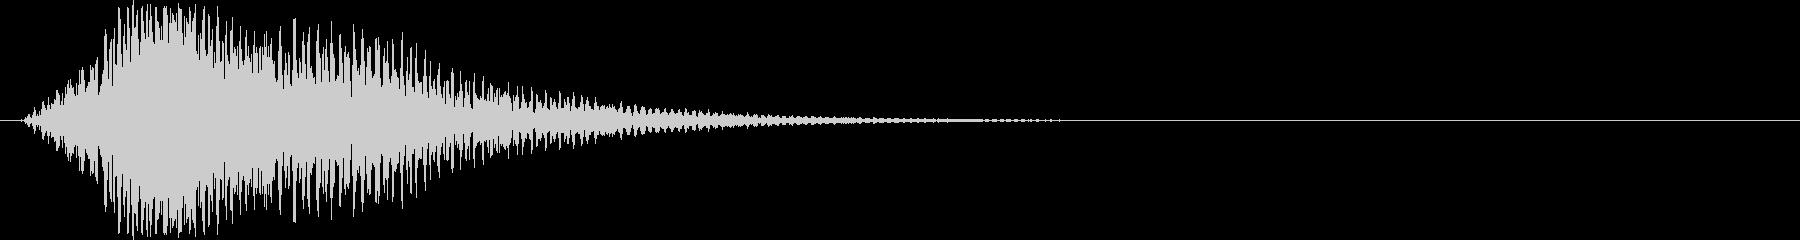 アクション・アイテムゲット#12の未再生の波形